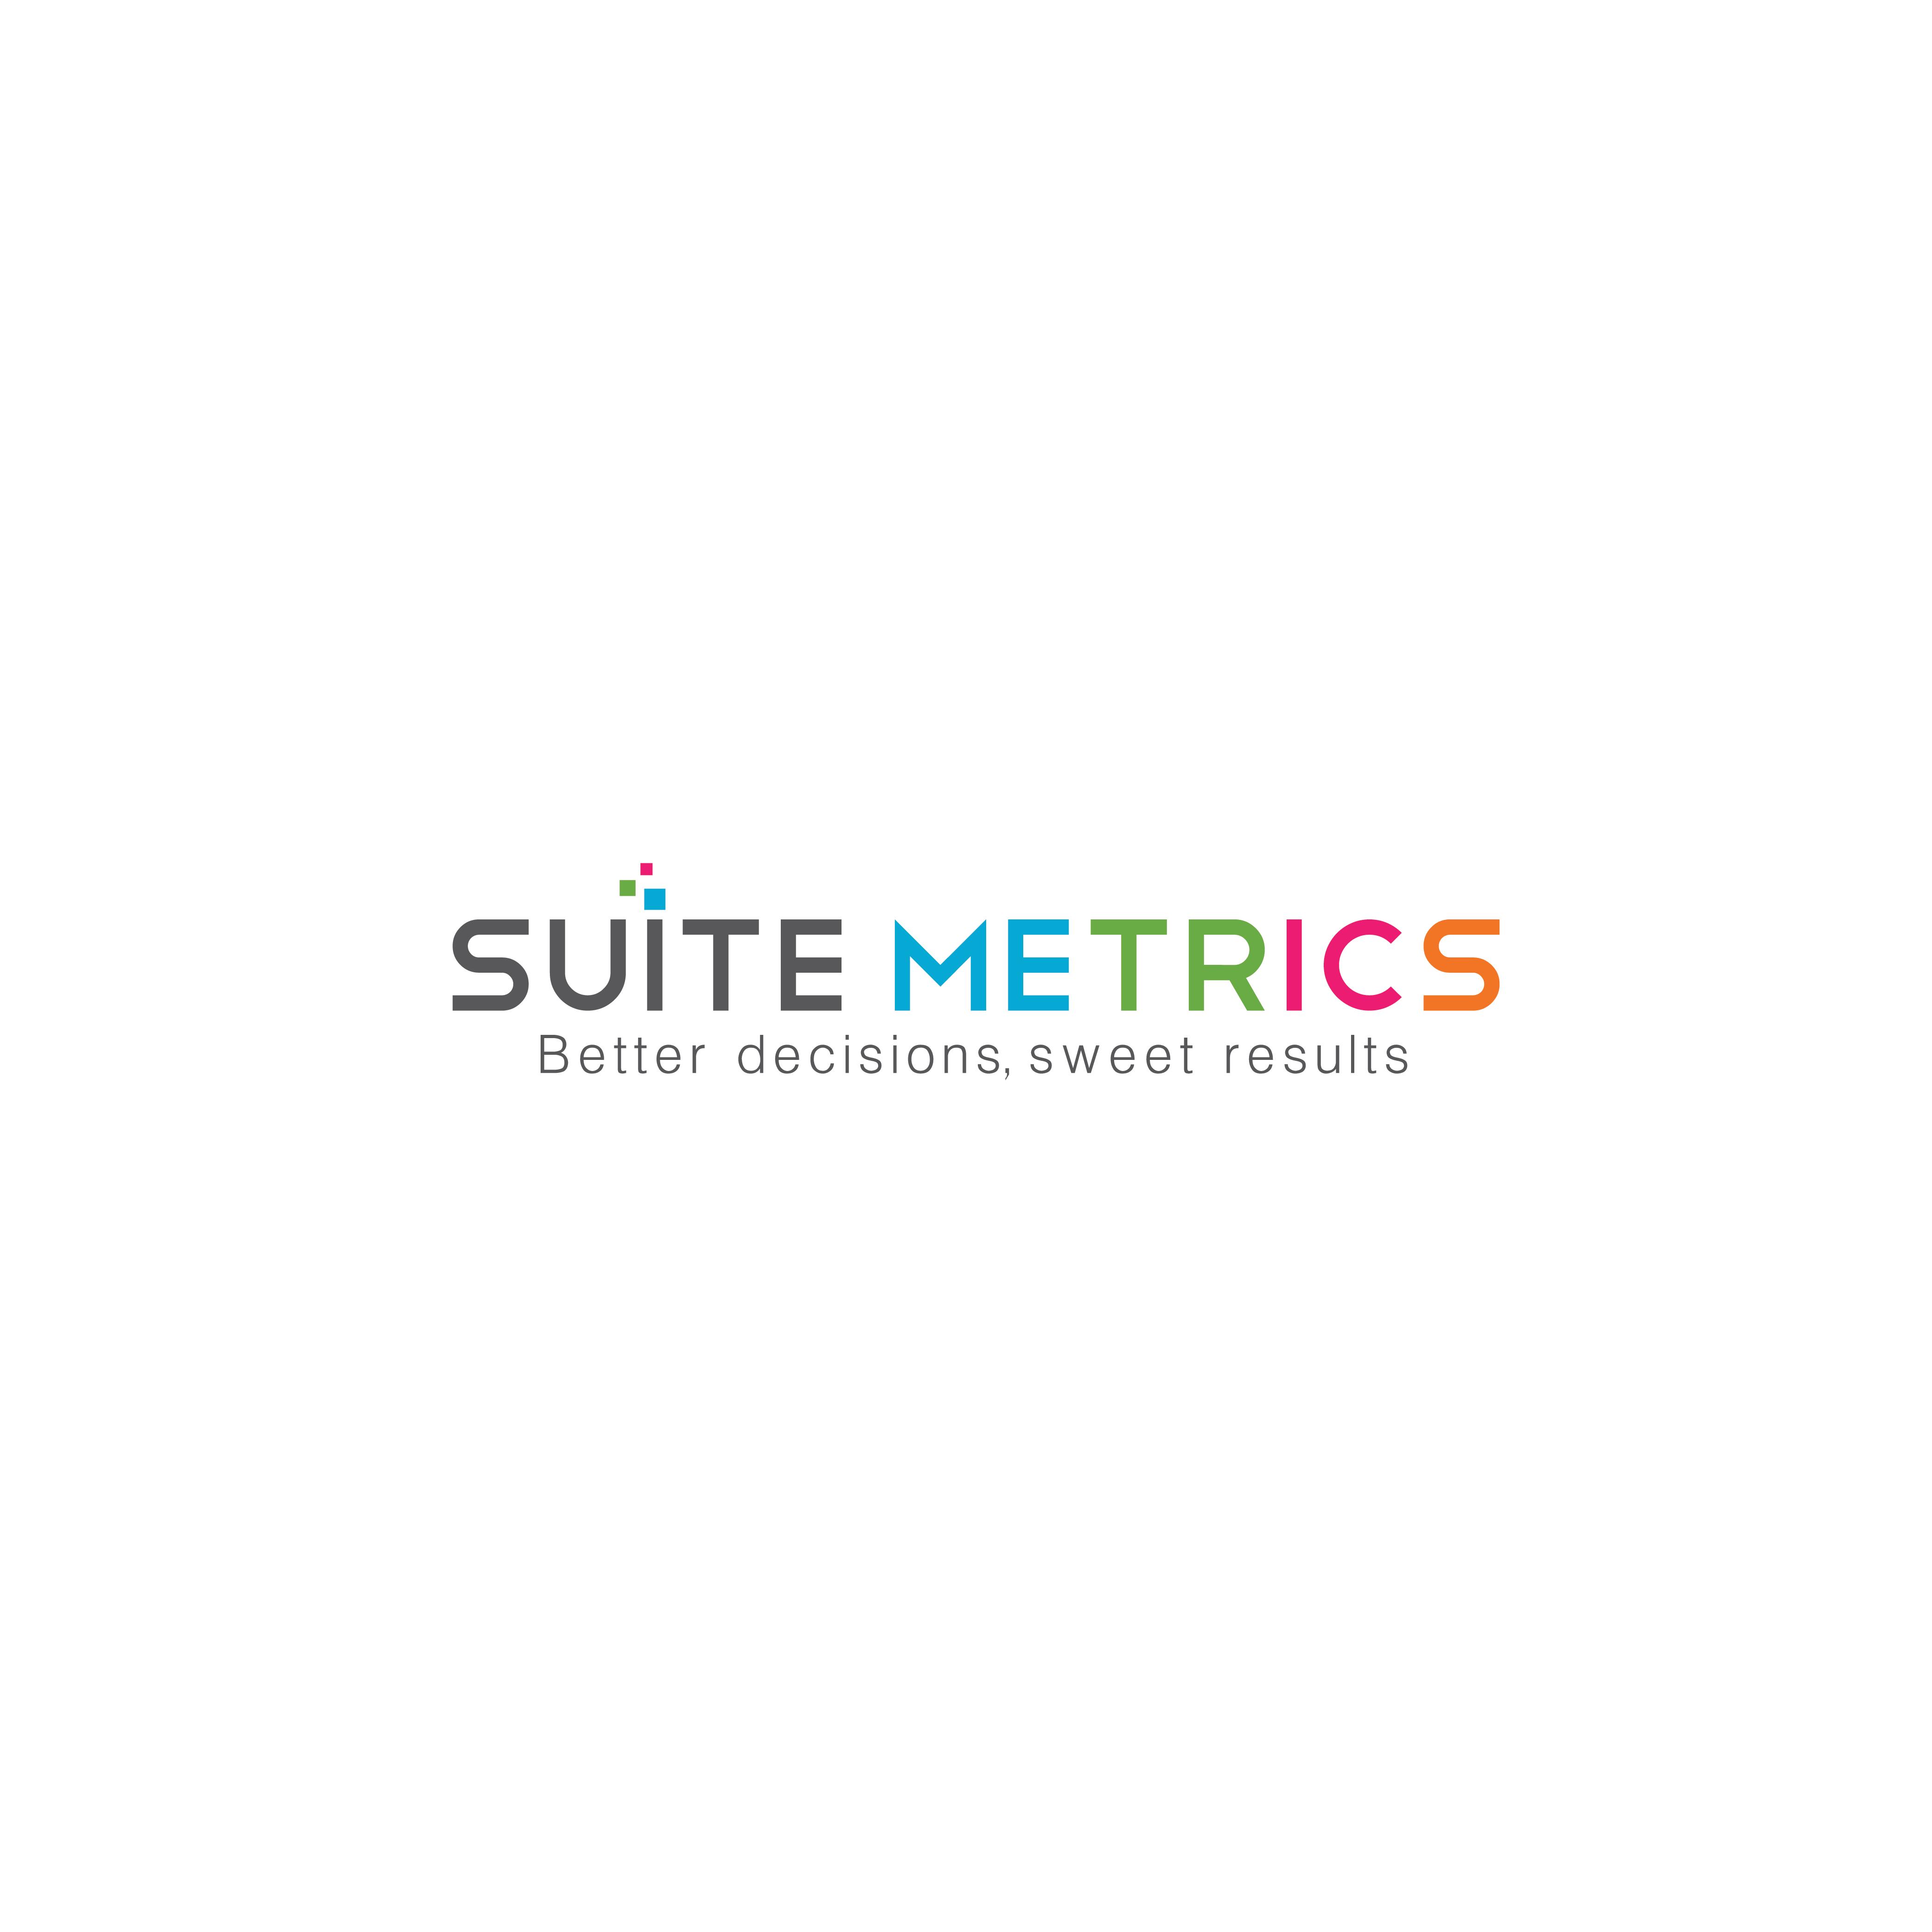 Logo needed for Suite Metrics